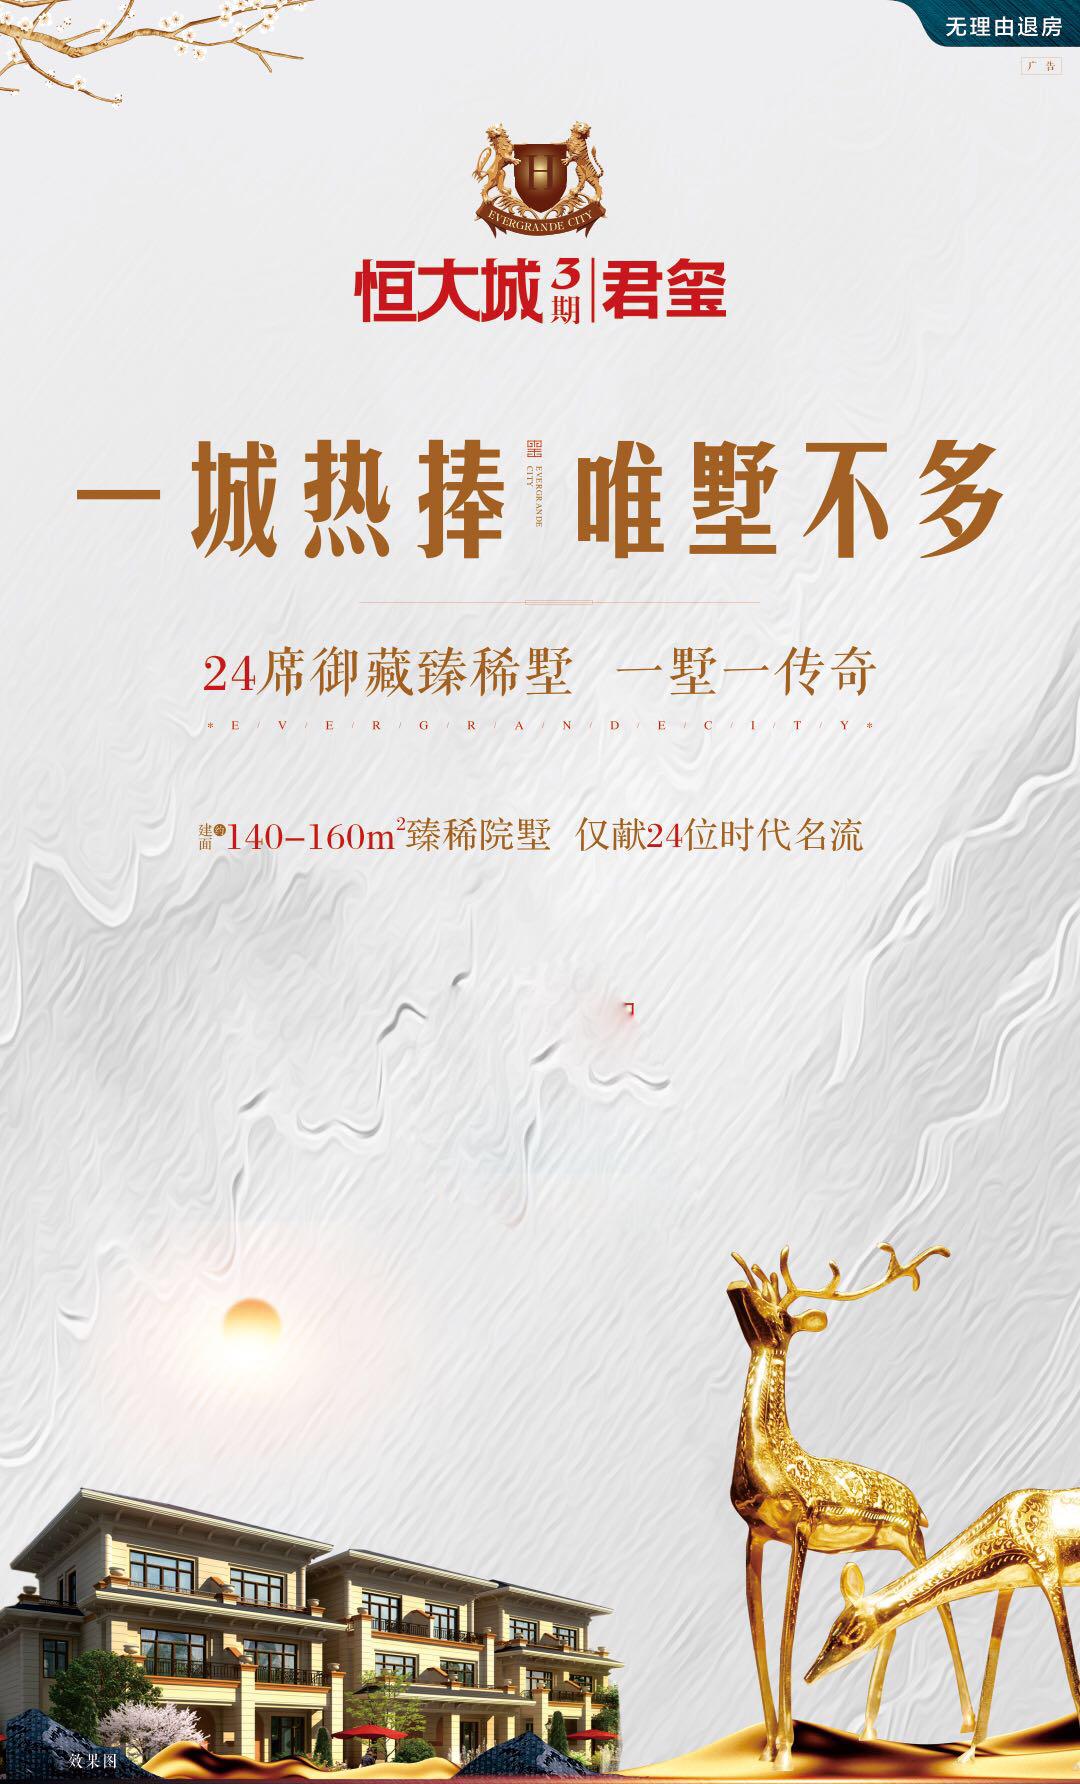 遵义恒大城【君玺】|24席御藏臻稀墅 一墅一传奇-中国网地产